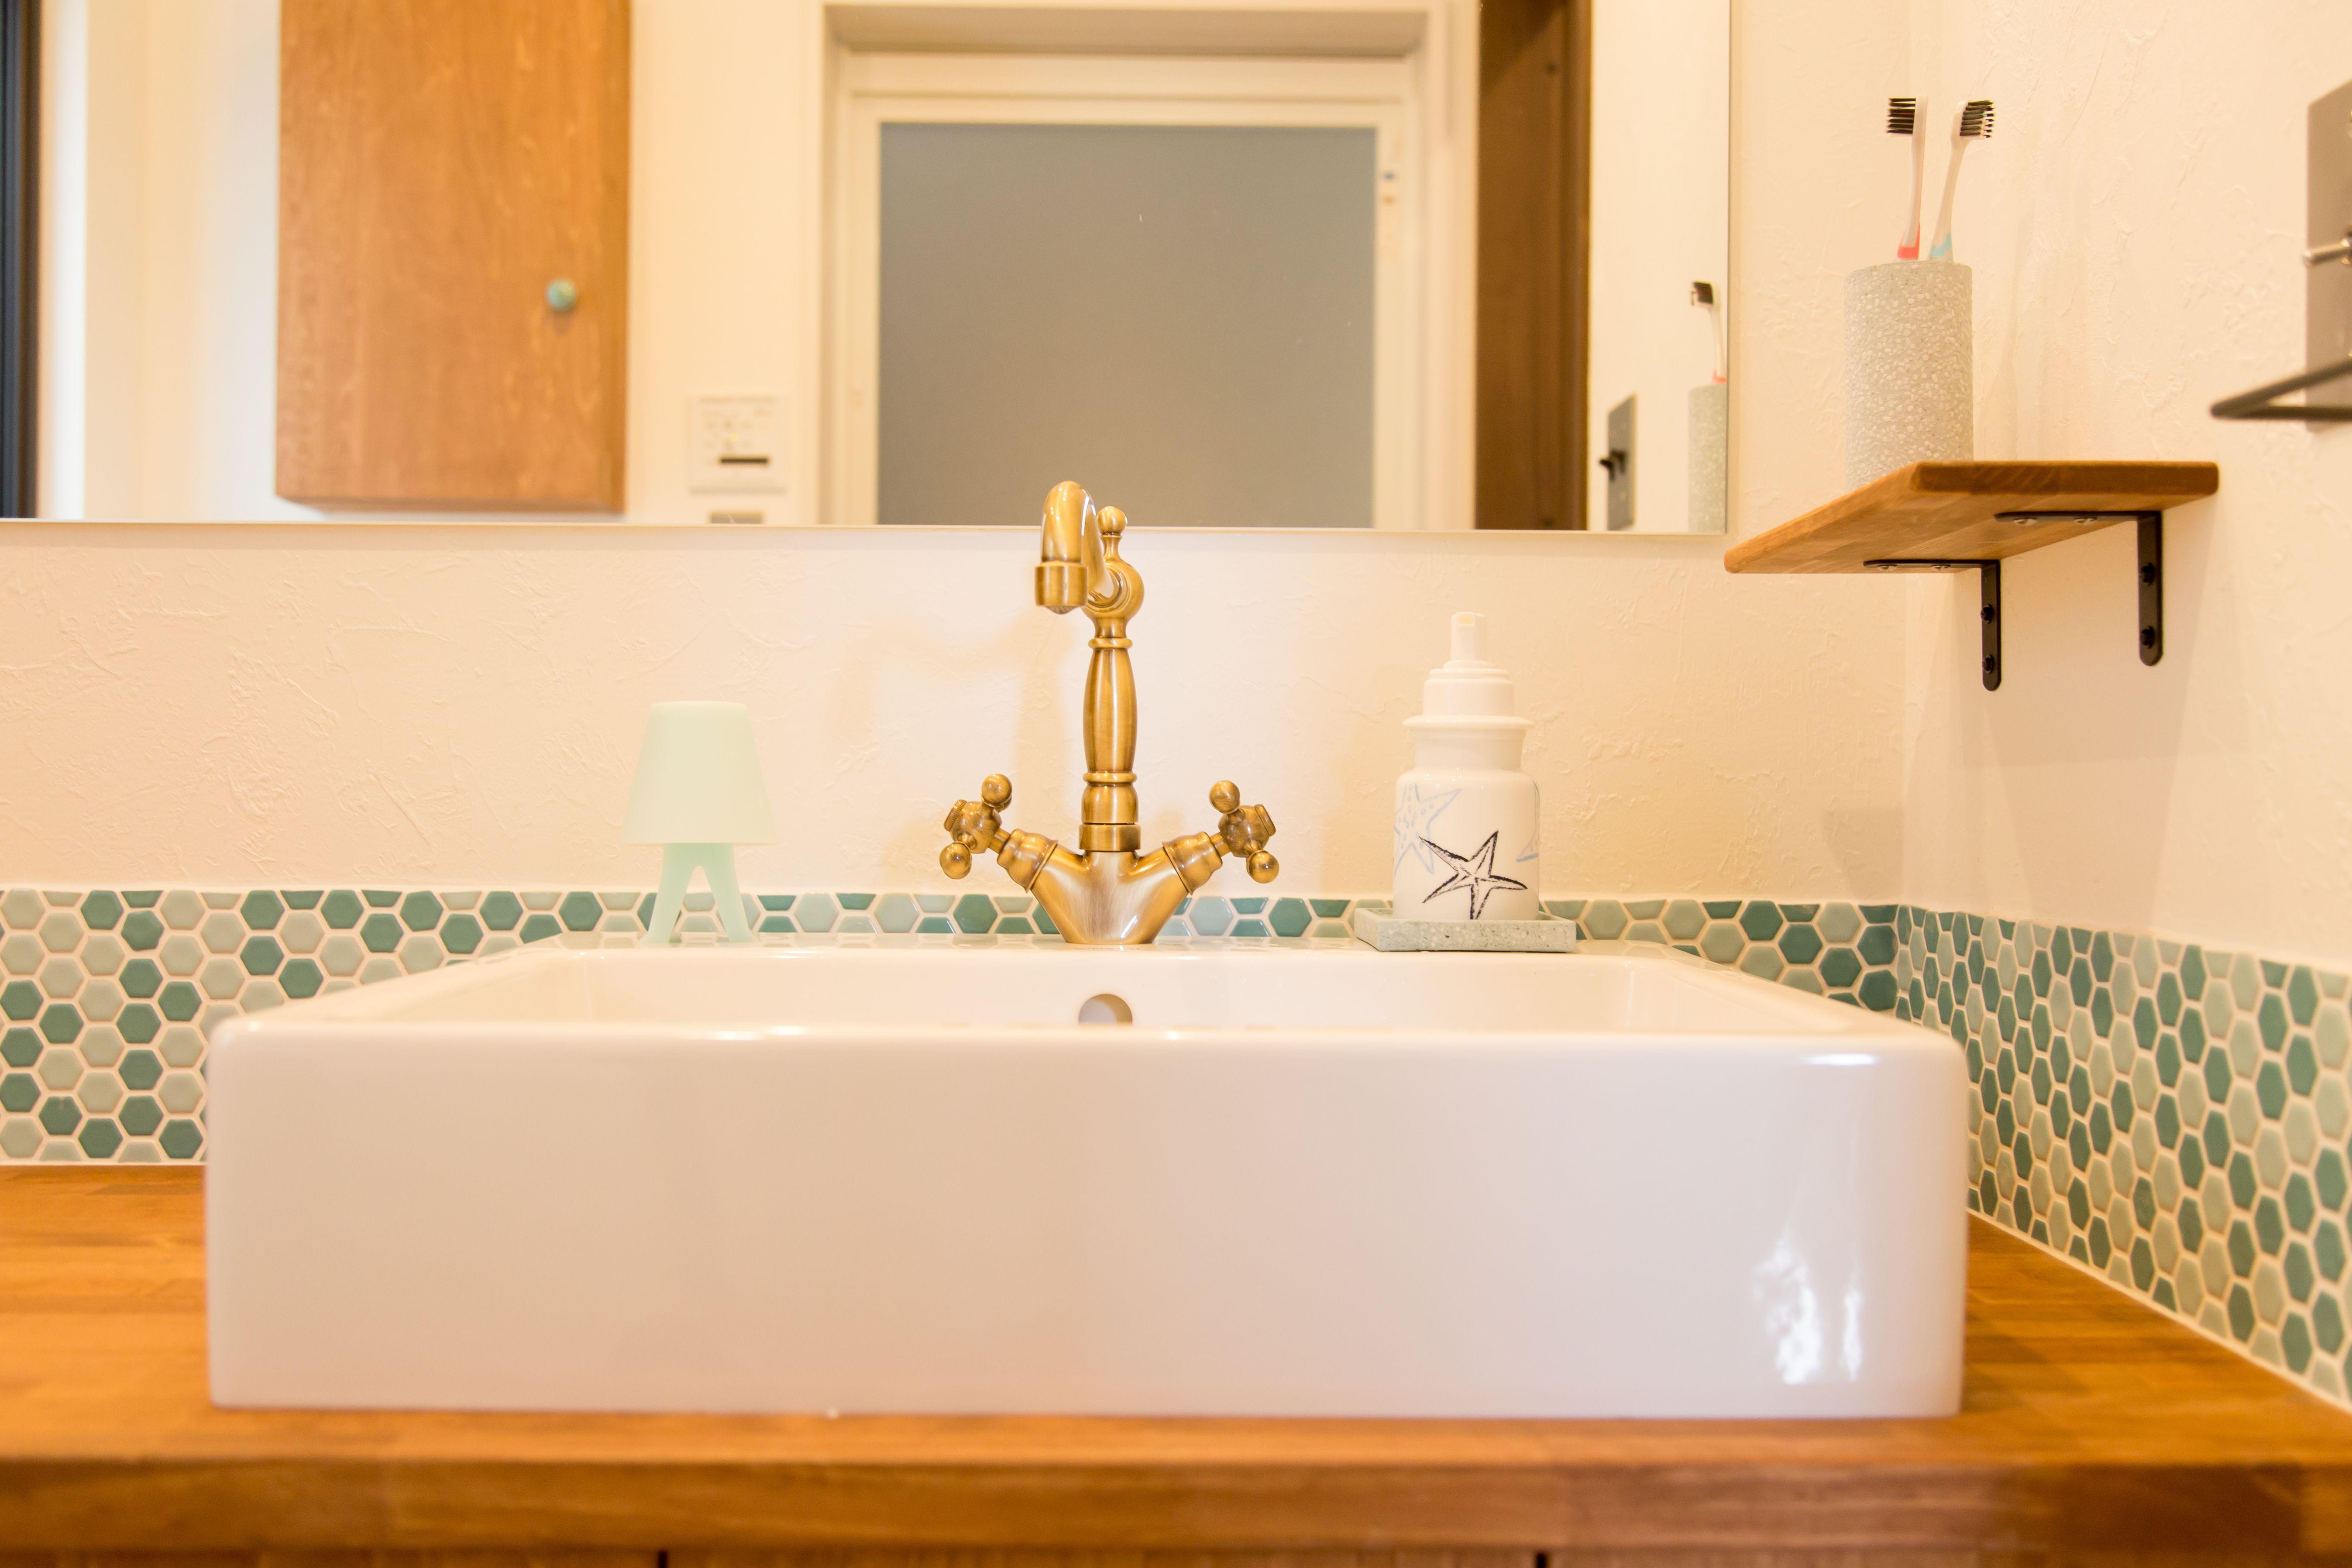 洗面器 手洗い器 水栓 洗面アイデア Bino Bino 中塚組 洗面 洗面所 洗面器 洗面台 タイル 蛇口 水栓 真鍮 洗面台 洗面器 玄関 手洗い